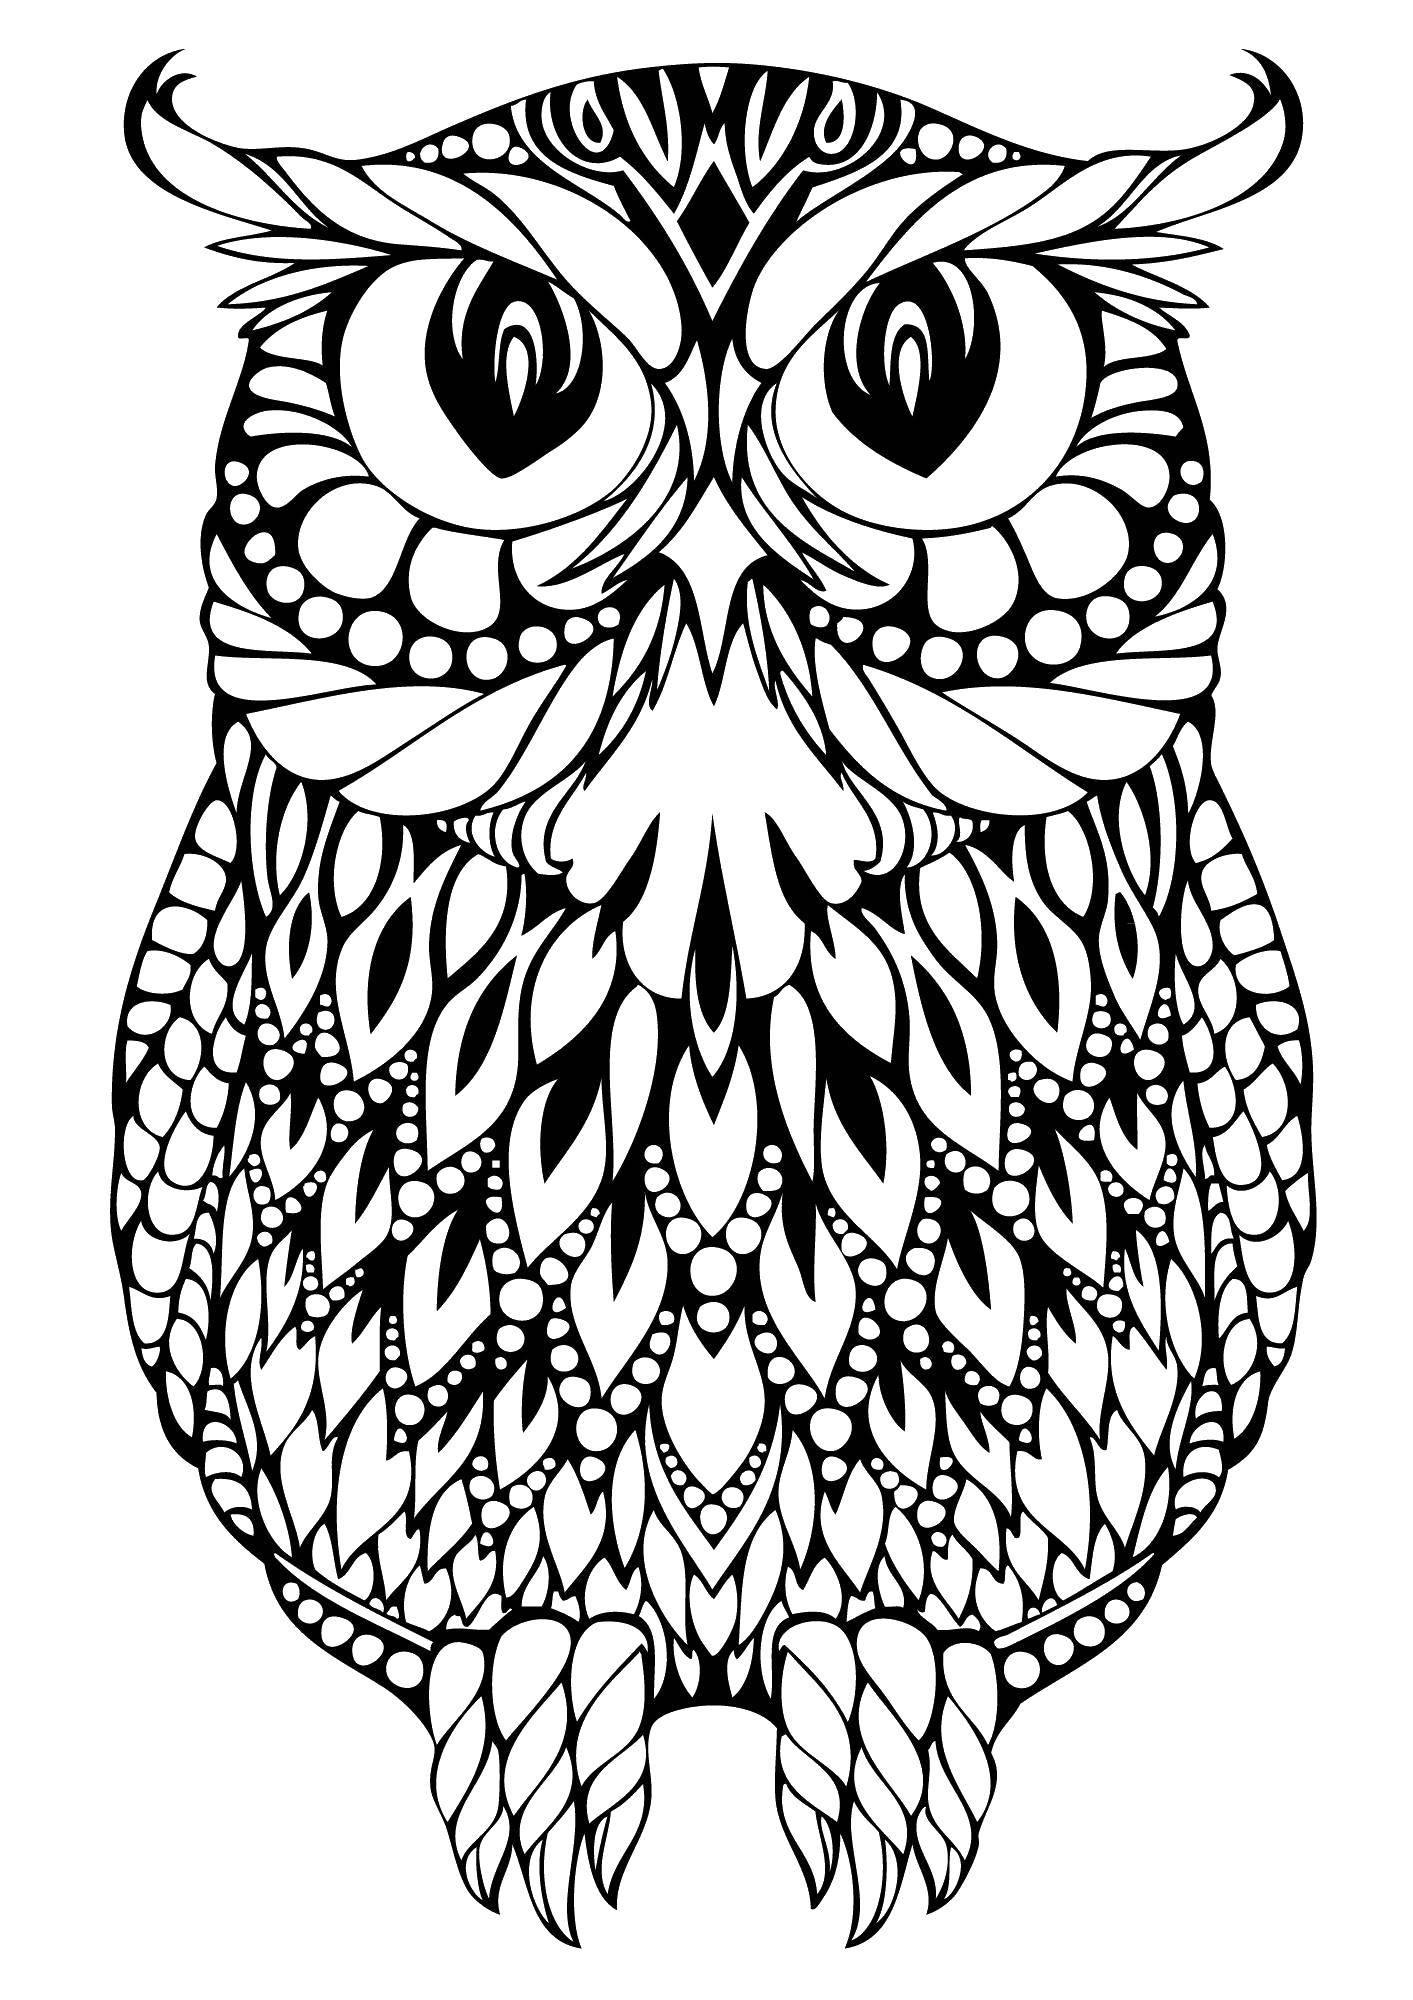 русские раскраска филин сова важнейший элемент